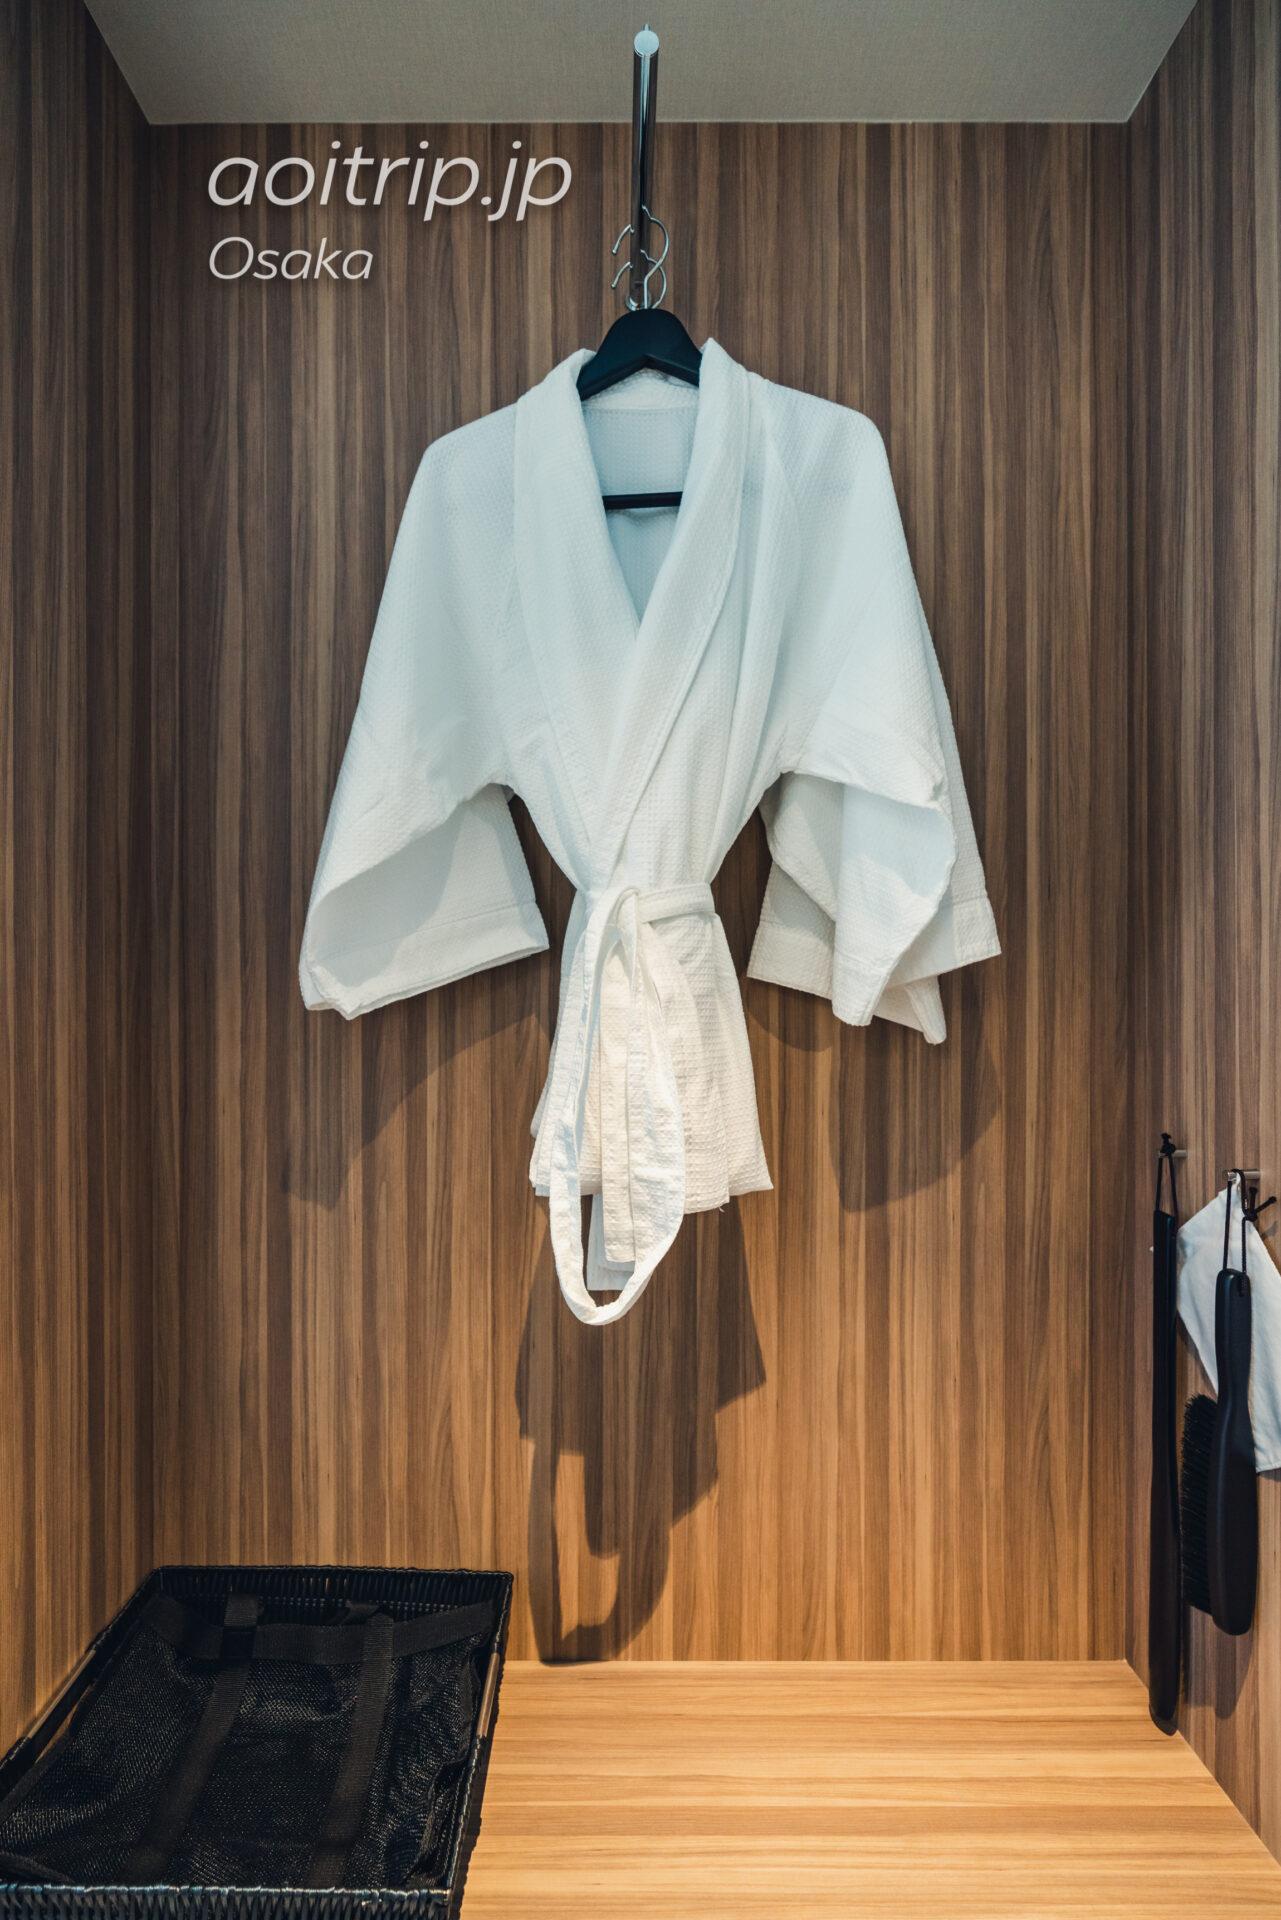 コートヤード バイ マリオット大阪本町|Courtyard Osaka Honmachi ビューキング(シャワーのみ) 高層階 View King Shower only Guest room, 1 King, City view, High floor バスローブ